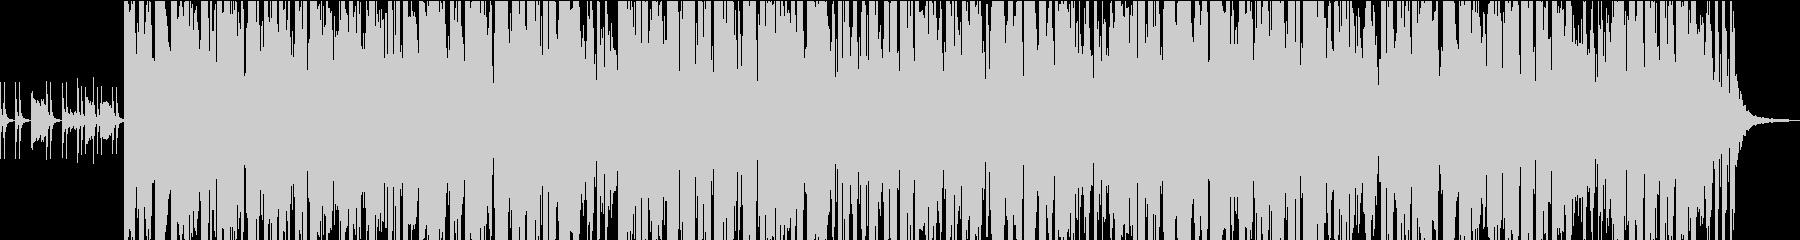 マーチングバンドの未再生の波形